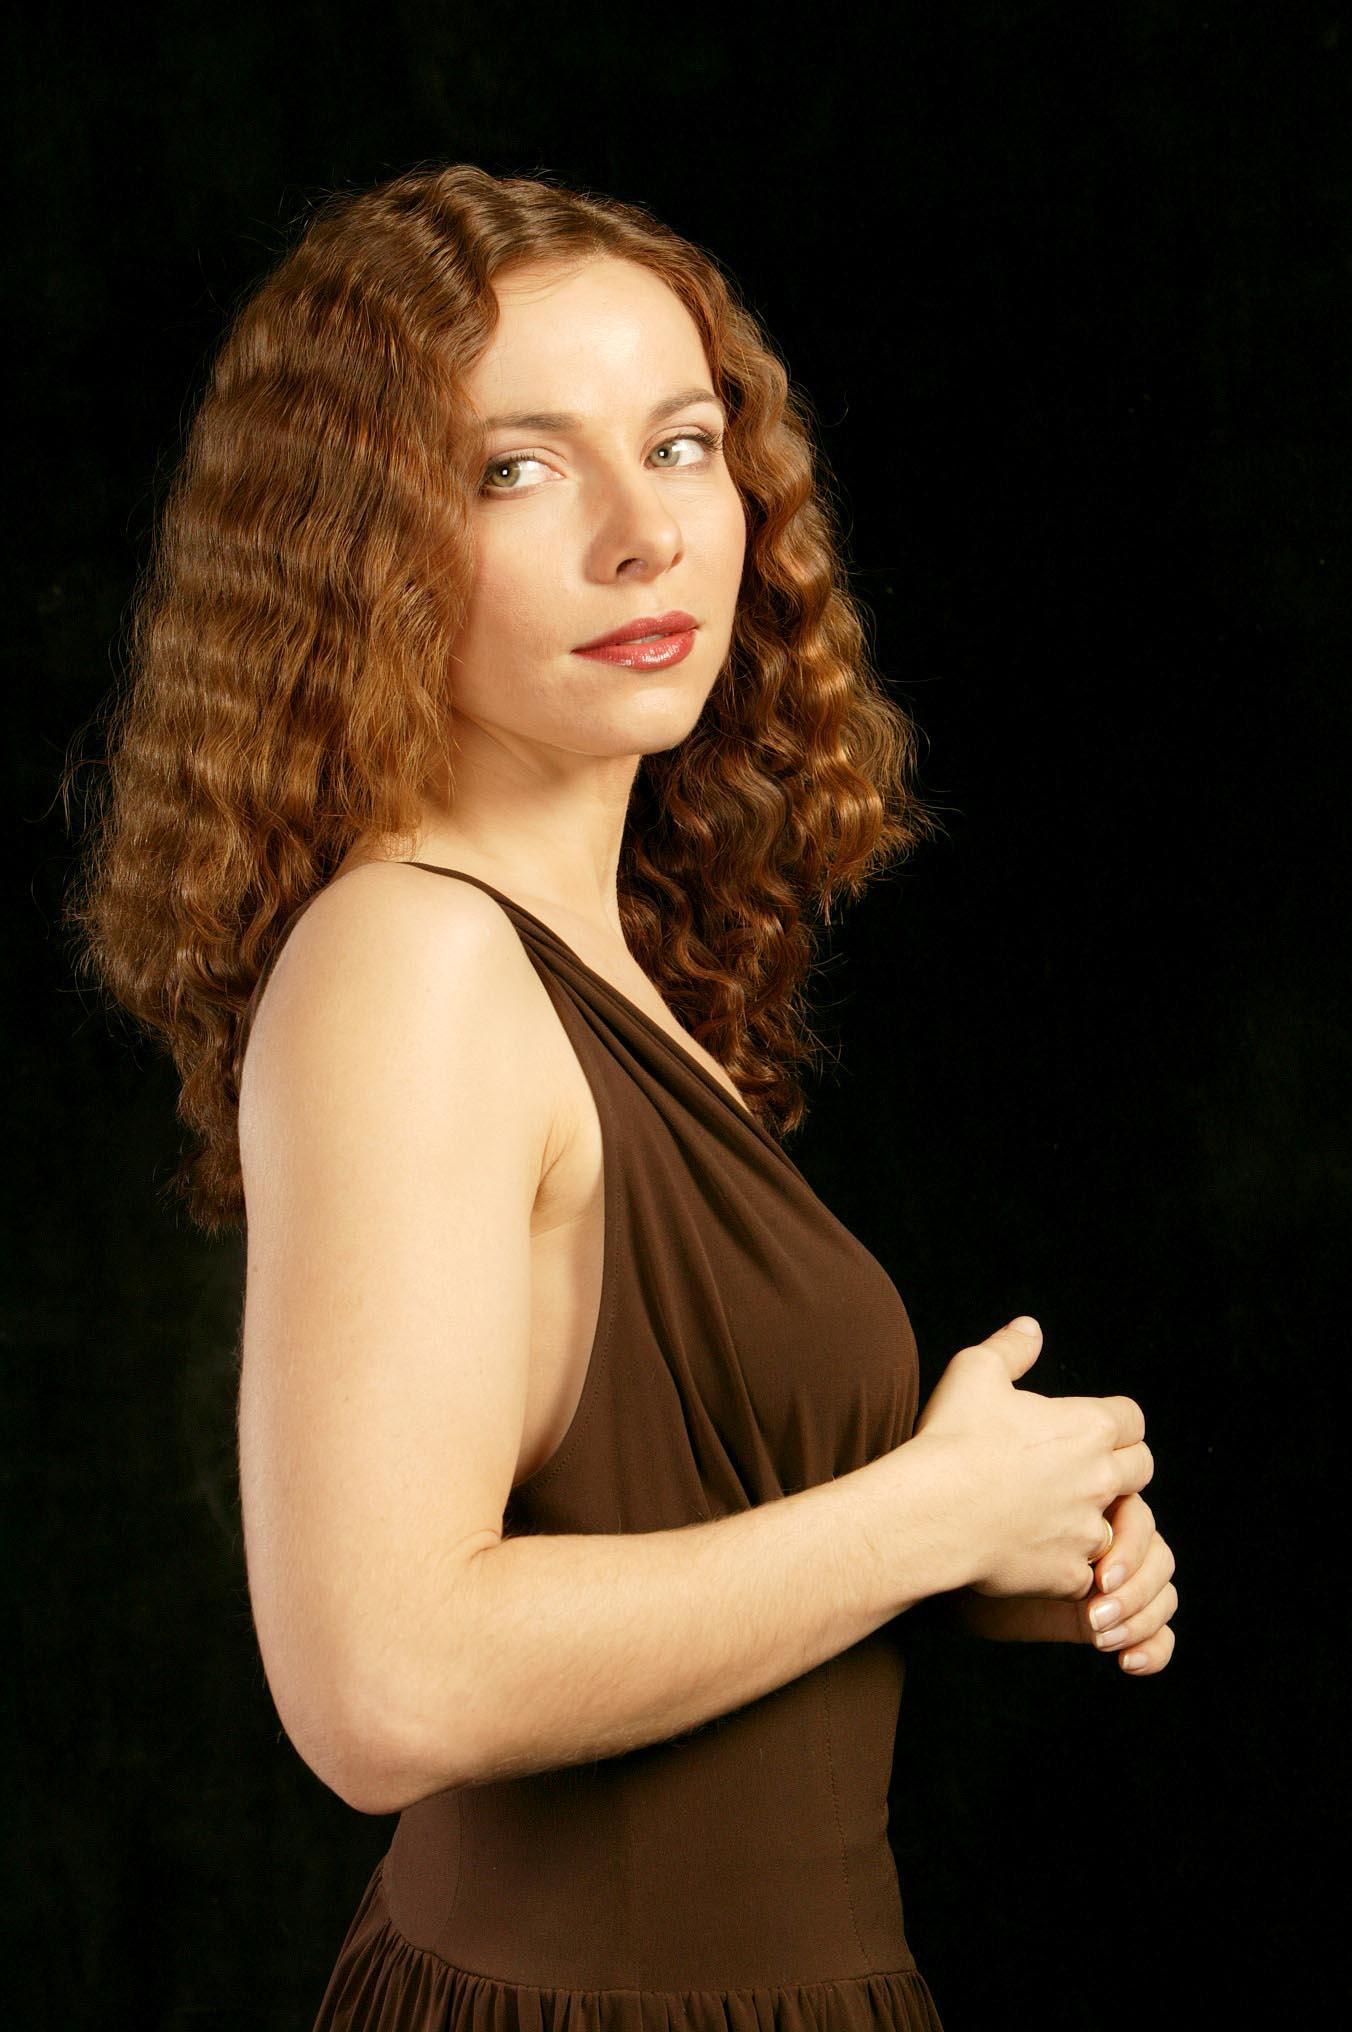 Российские актрисы гусева екатерина 14 фотография